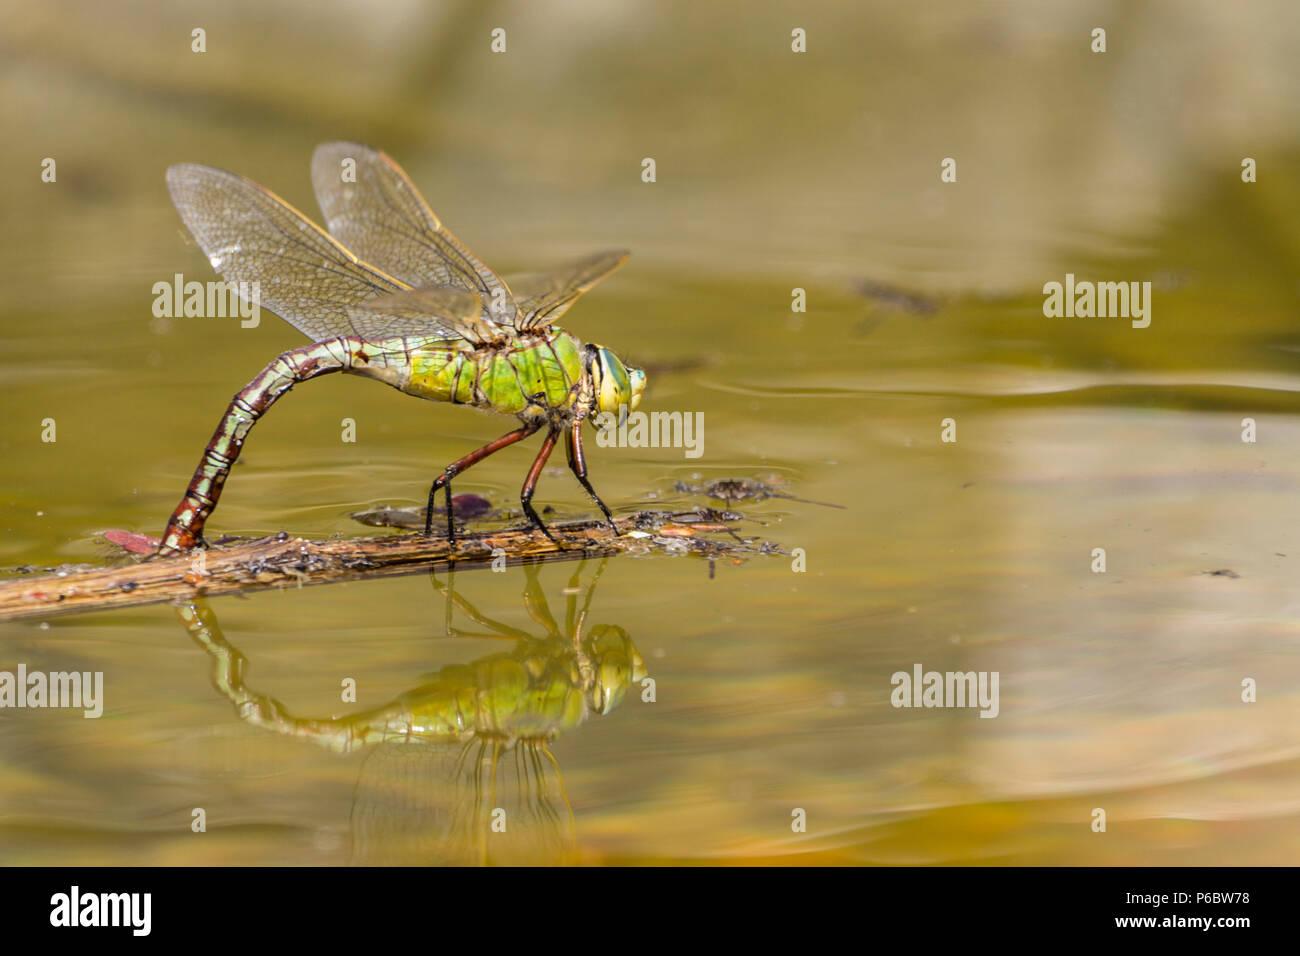 Frau Kaiser dragonfly Eier auf schwimmenden Schmutz in kleinen Mann machte eine große Libelle mit grün blau Bauch in weiblich mit dunklen dorsalen Linie Teich Stockbild